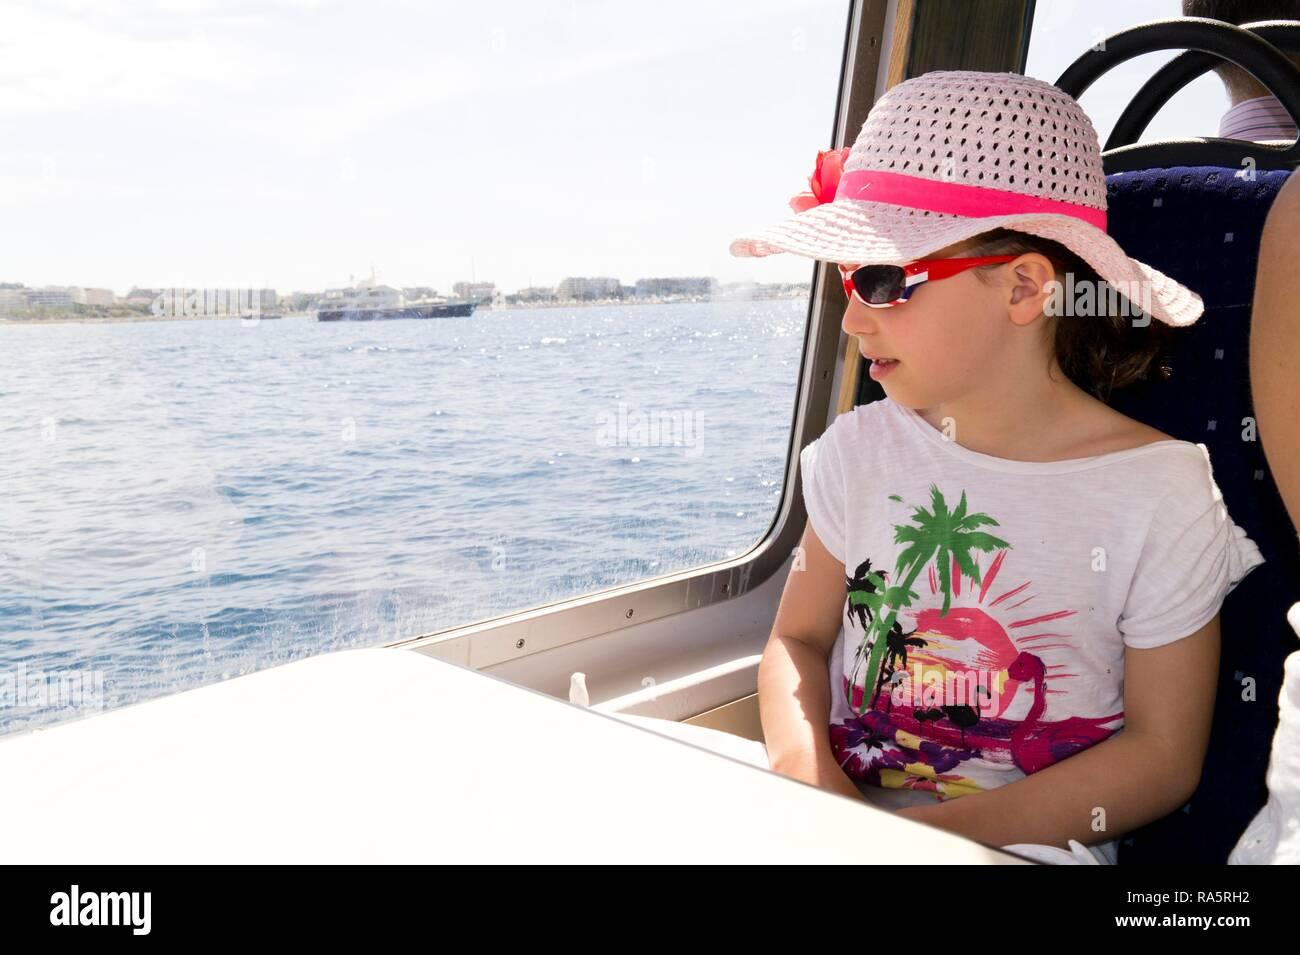 Niña de siete años, de vacaciones en barco, Francia Imagen De Stock